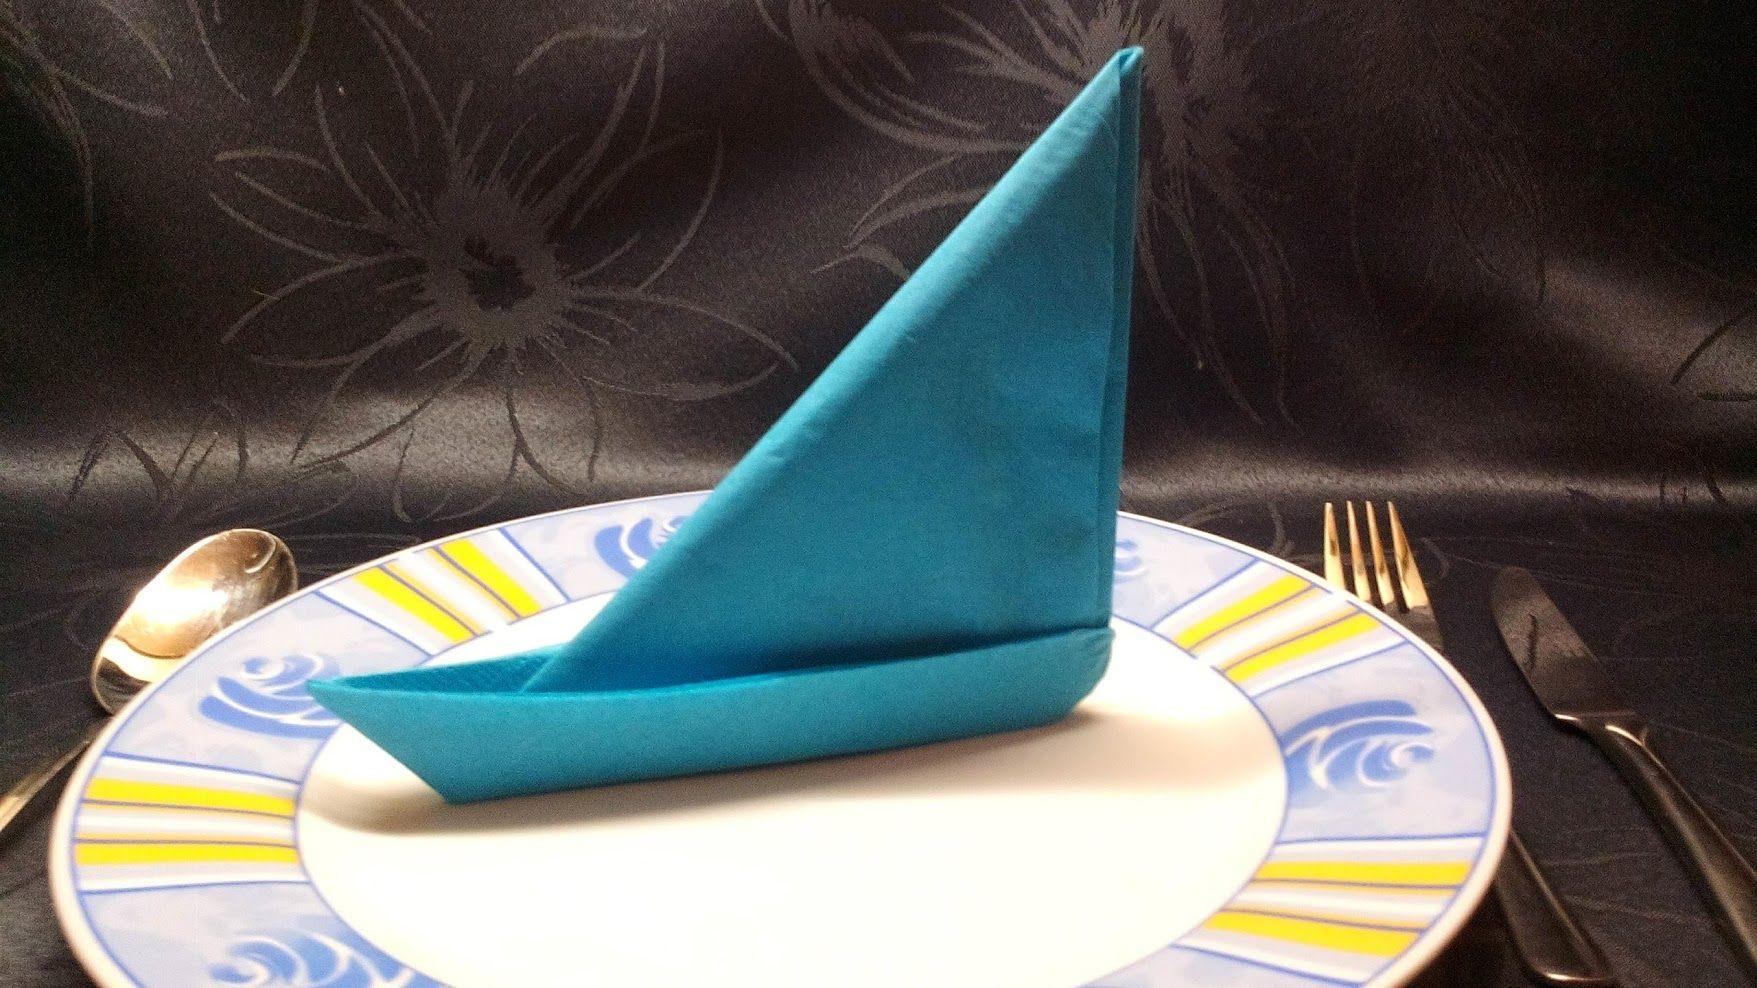 Segelschiff -Servietten Deko falten ( photographed napkin folding instructions for a sailing ship #serviettenfalten